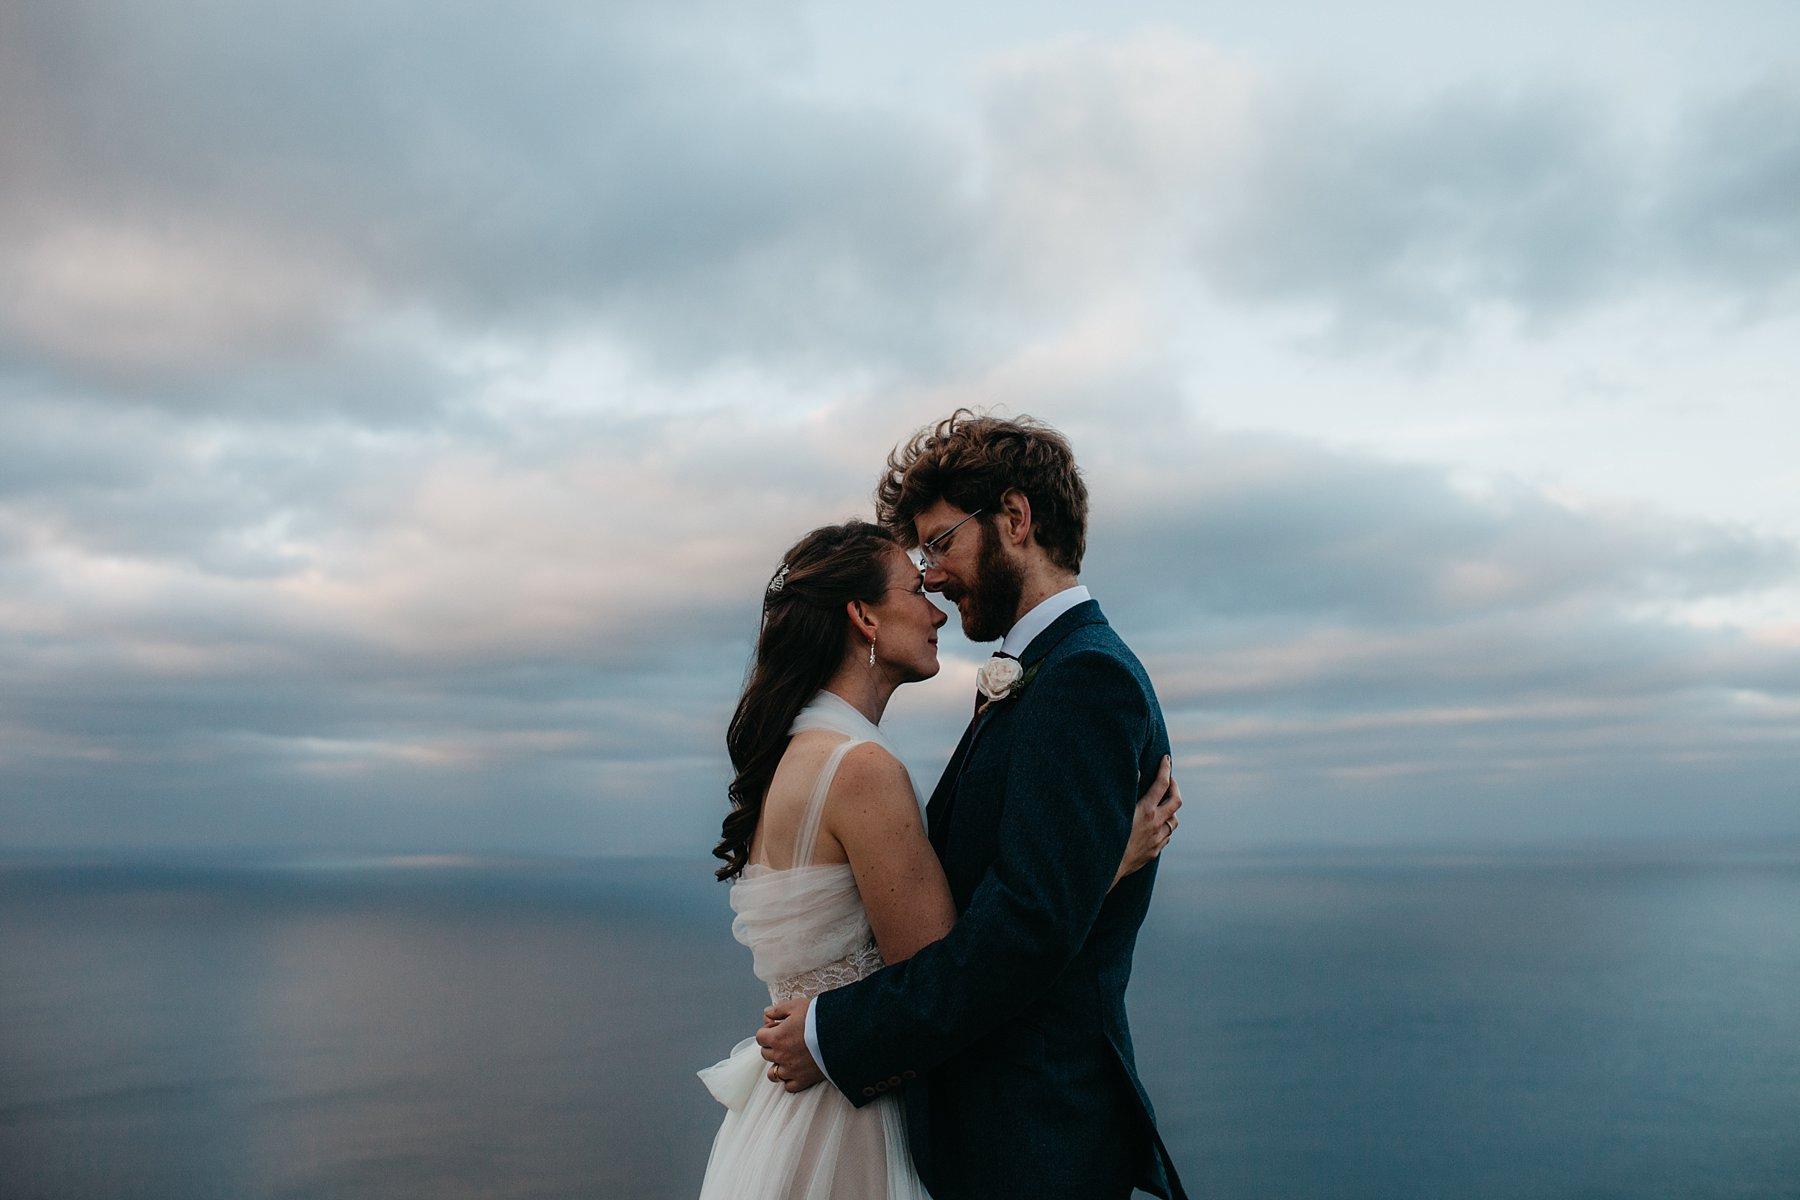 hornhead_donegak_elopement_weddings_0083